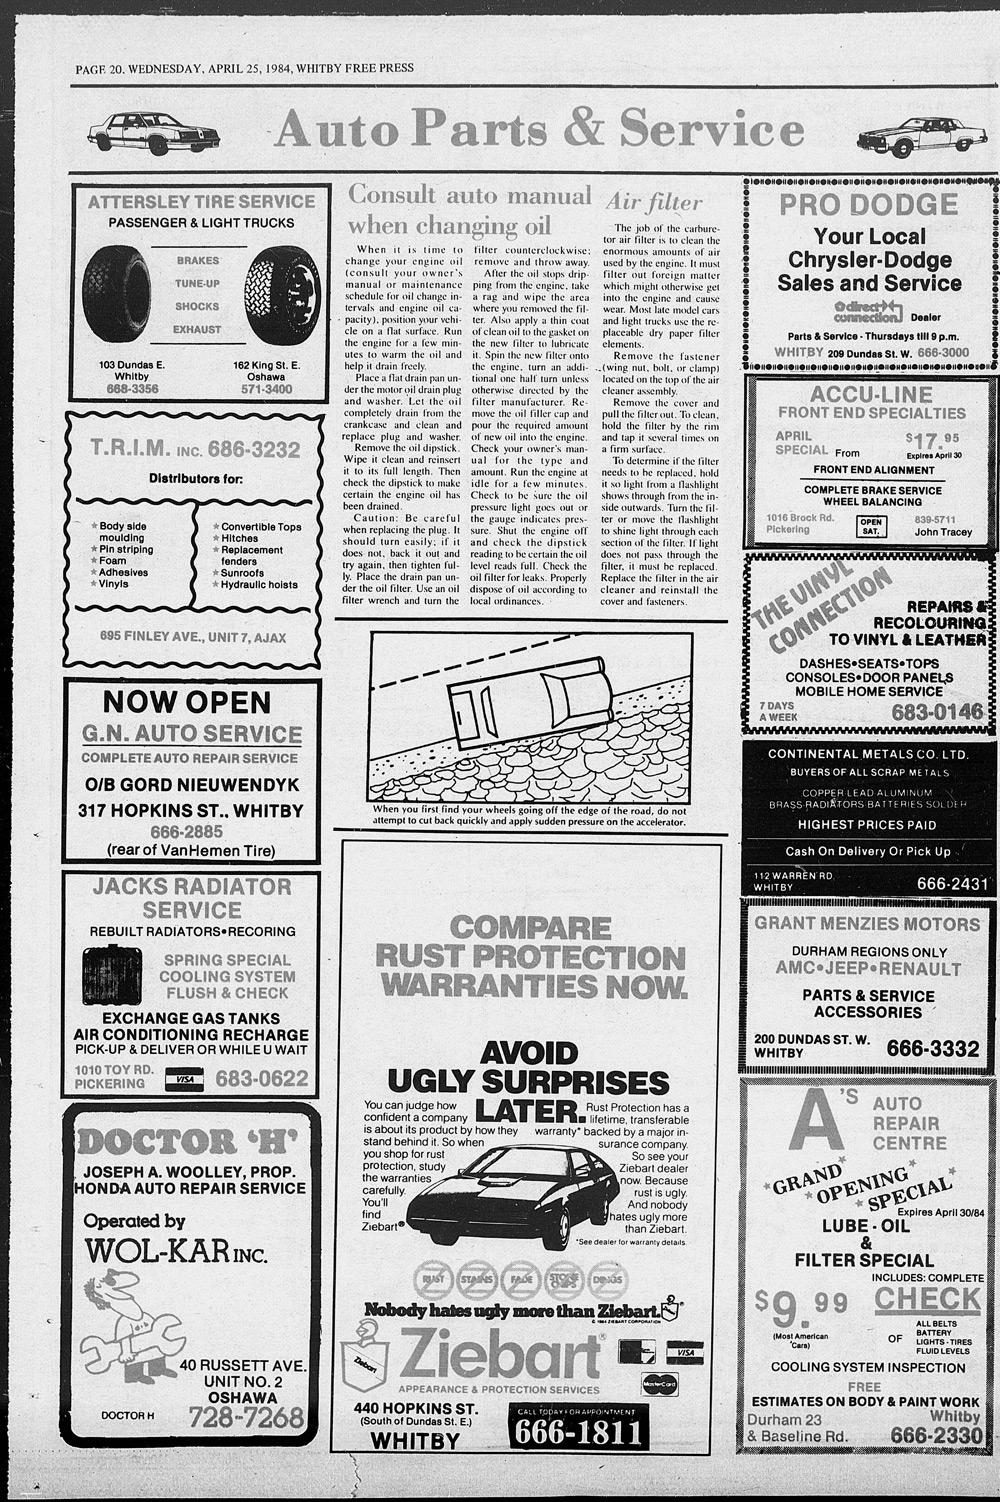 Whitby Free Press, 25 Apr 1984